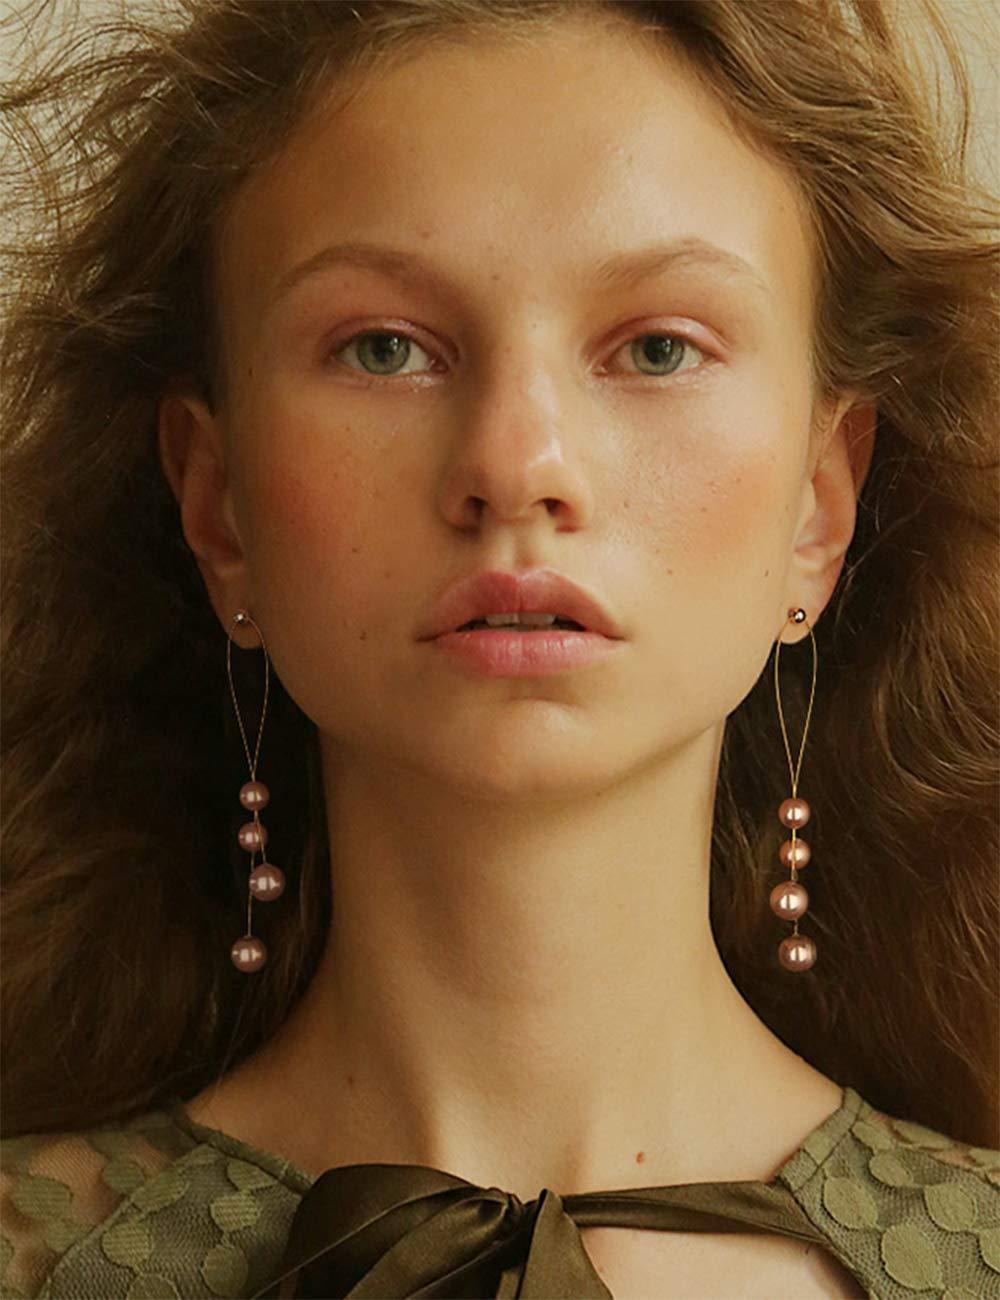 YERTTER Women Vintage Gold Pearl Statement Dangle Earrings Long Big Pearls Drop Earrings for Women Girls (Khaki)